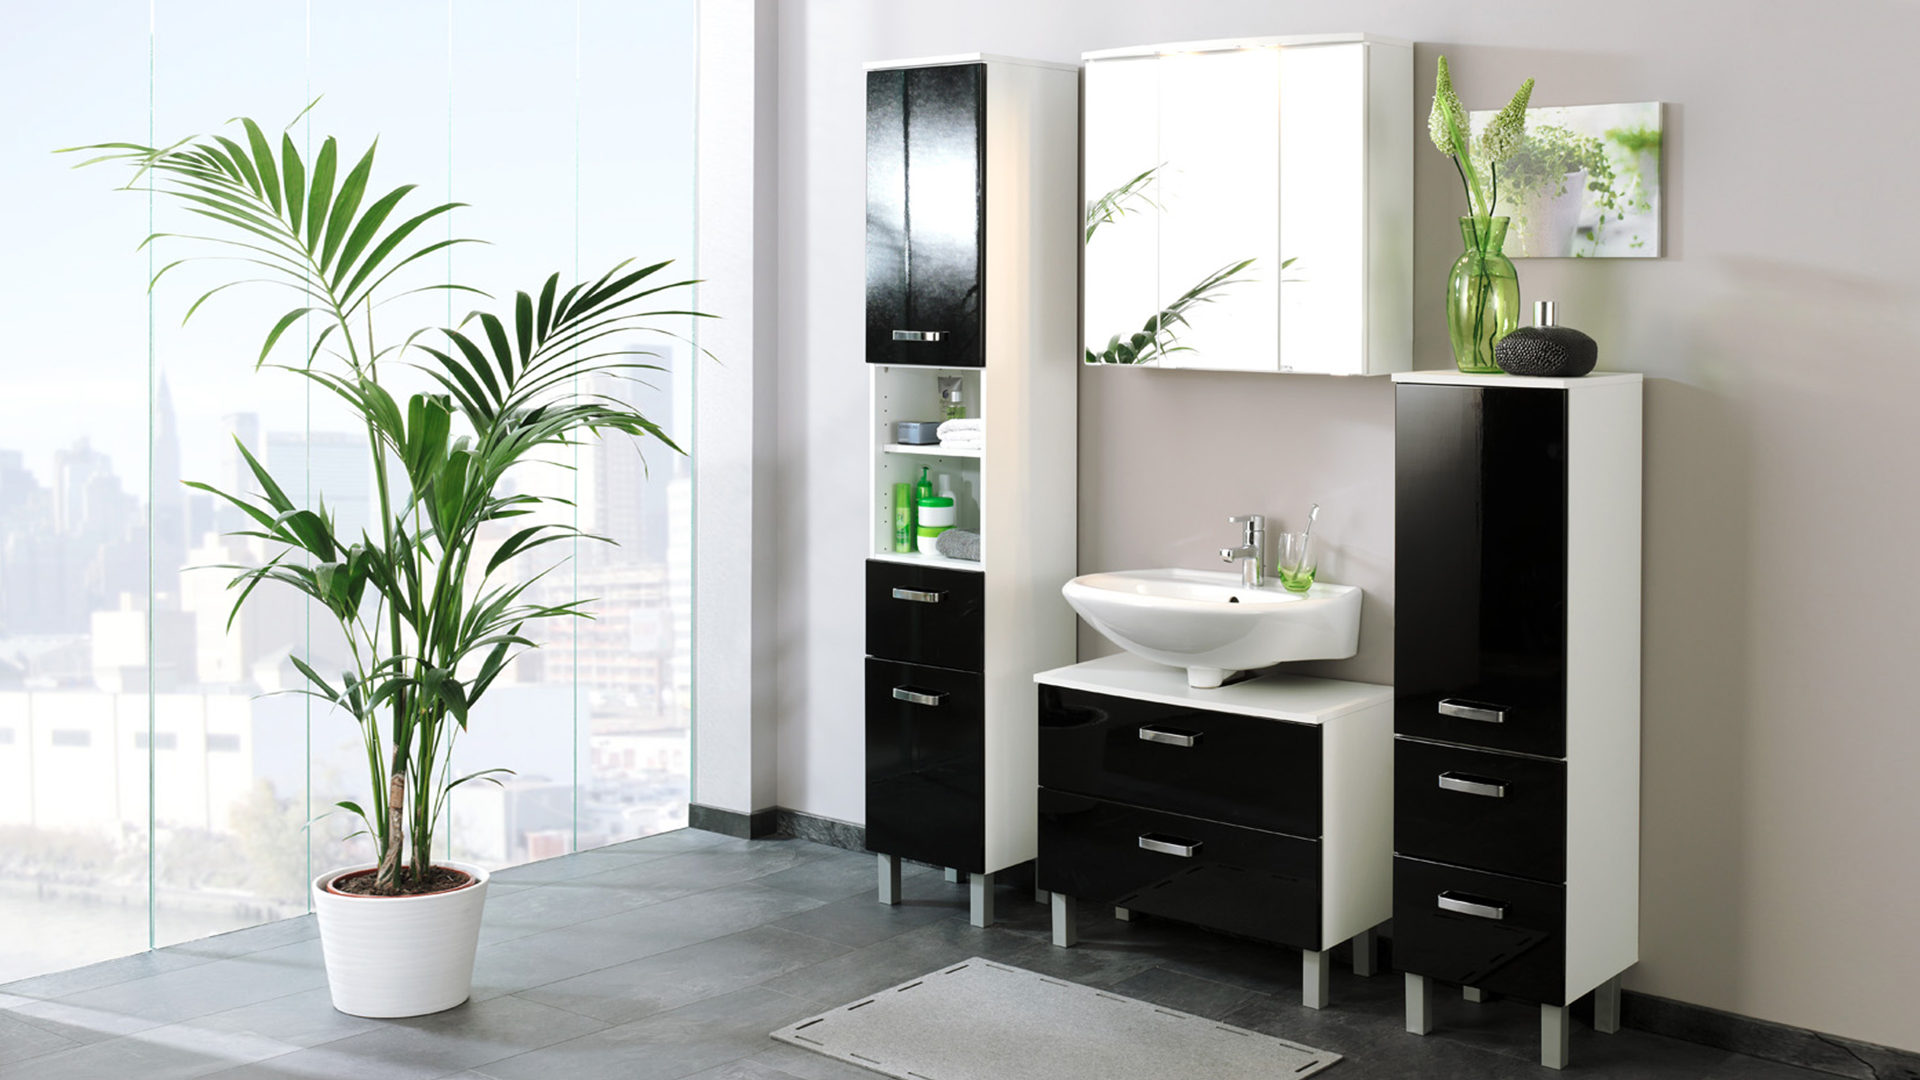 Wohnland Breitwieser , Markenshops, Alle Artikel von Kare Design ...